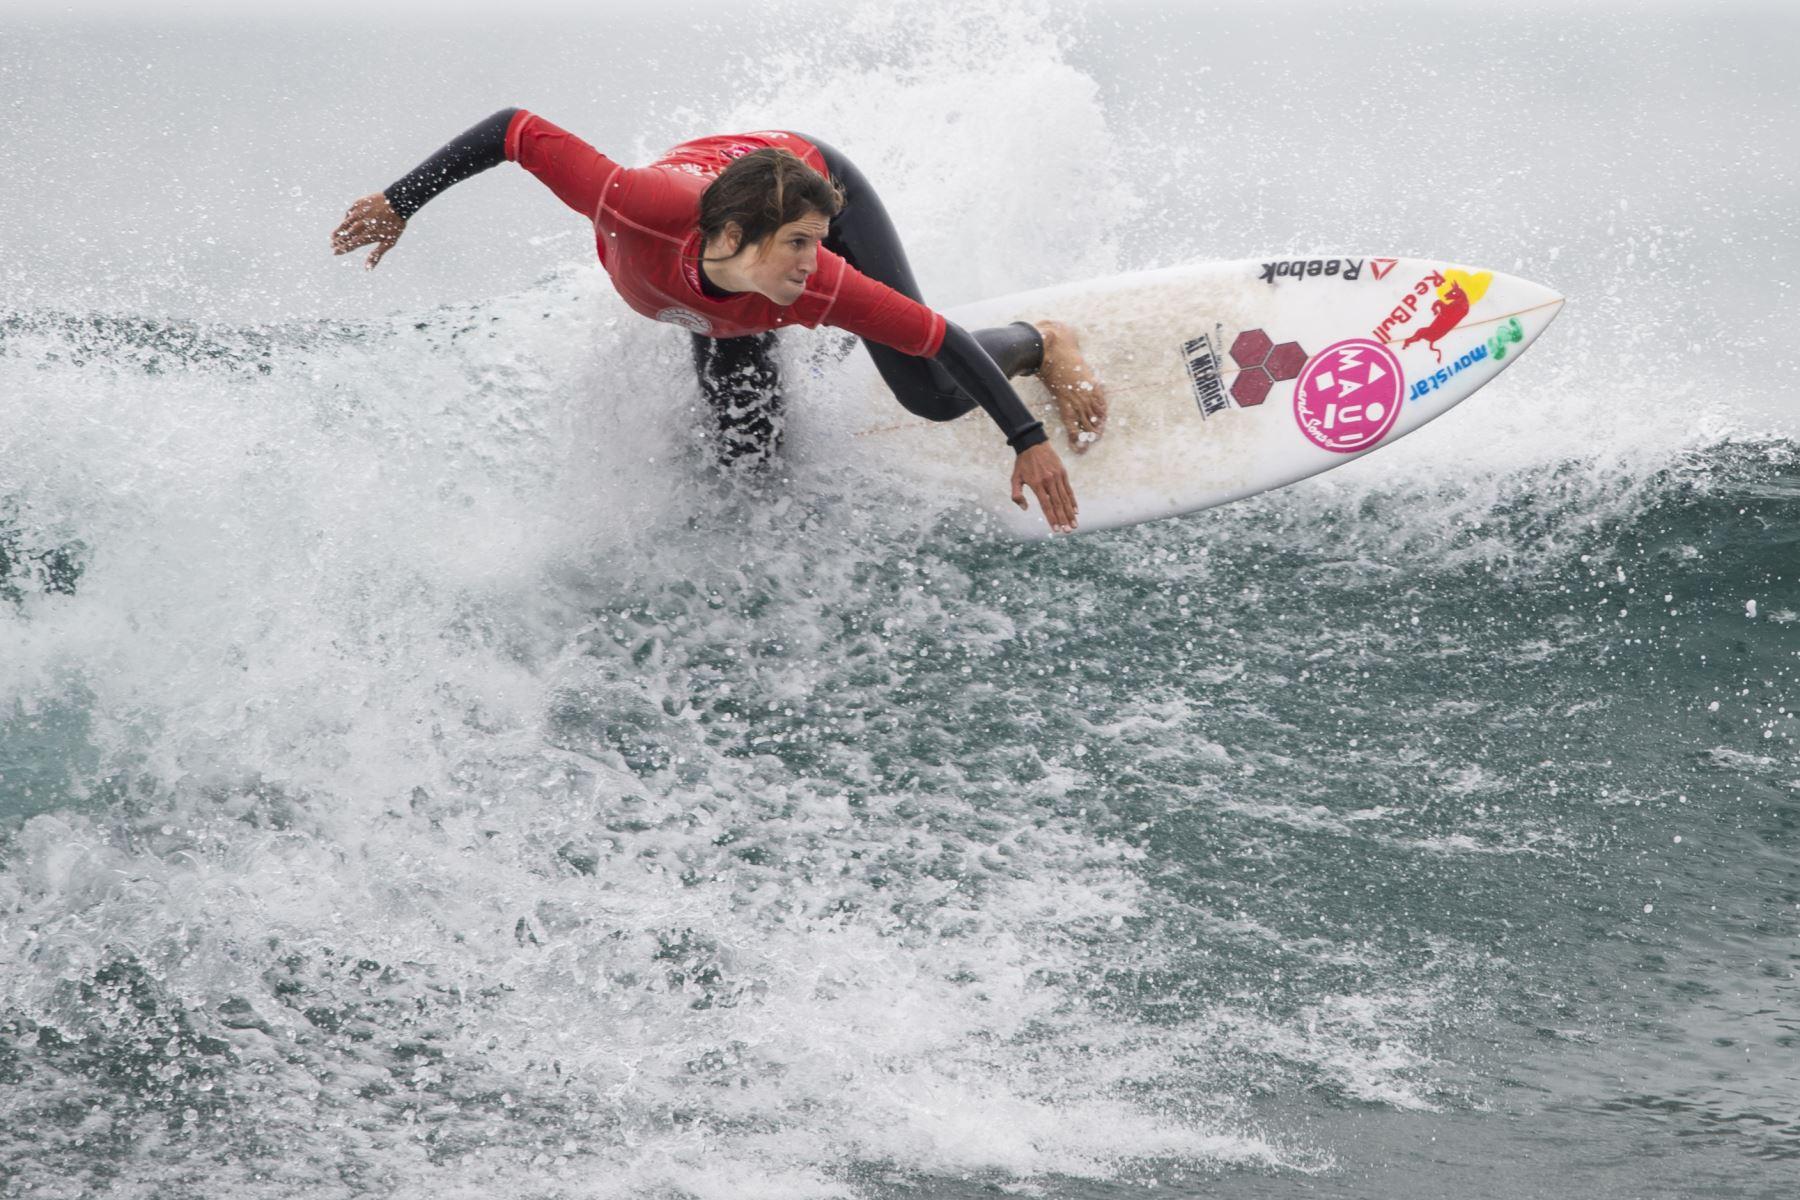 La peruana Sofia Mulanovich compite durante la semifinal de la competencia de surf Maui & Sons Pichilemu Women Pro Chile 2016. Foto: AFP